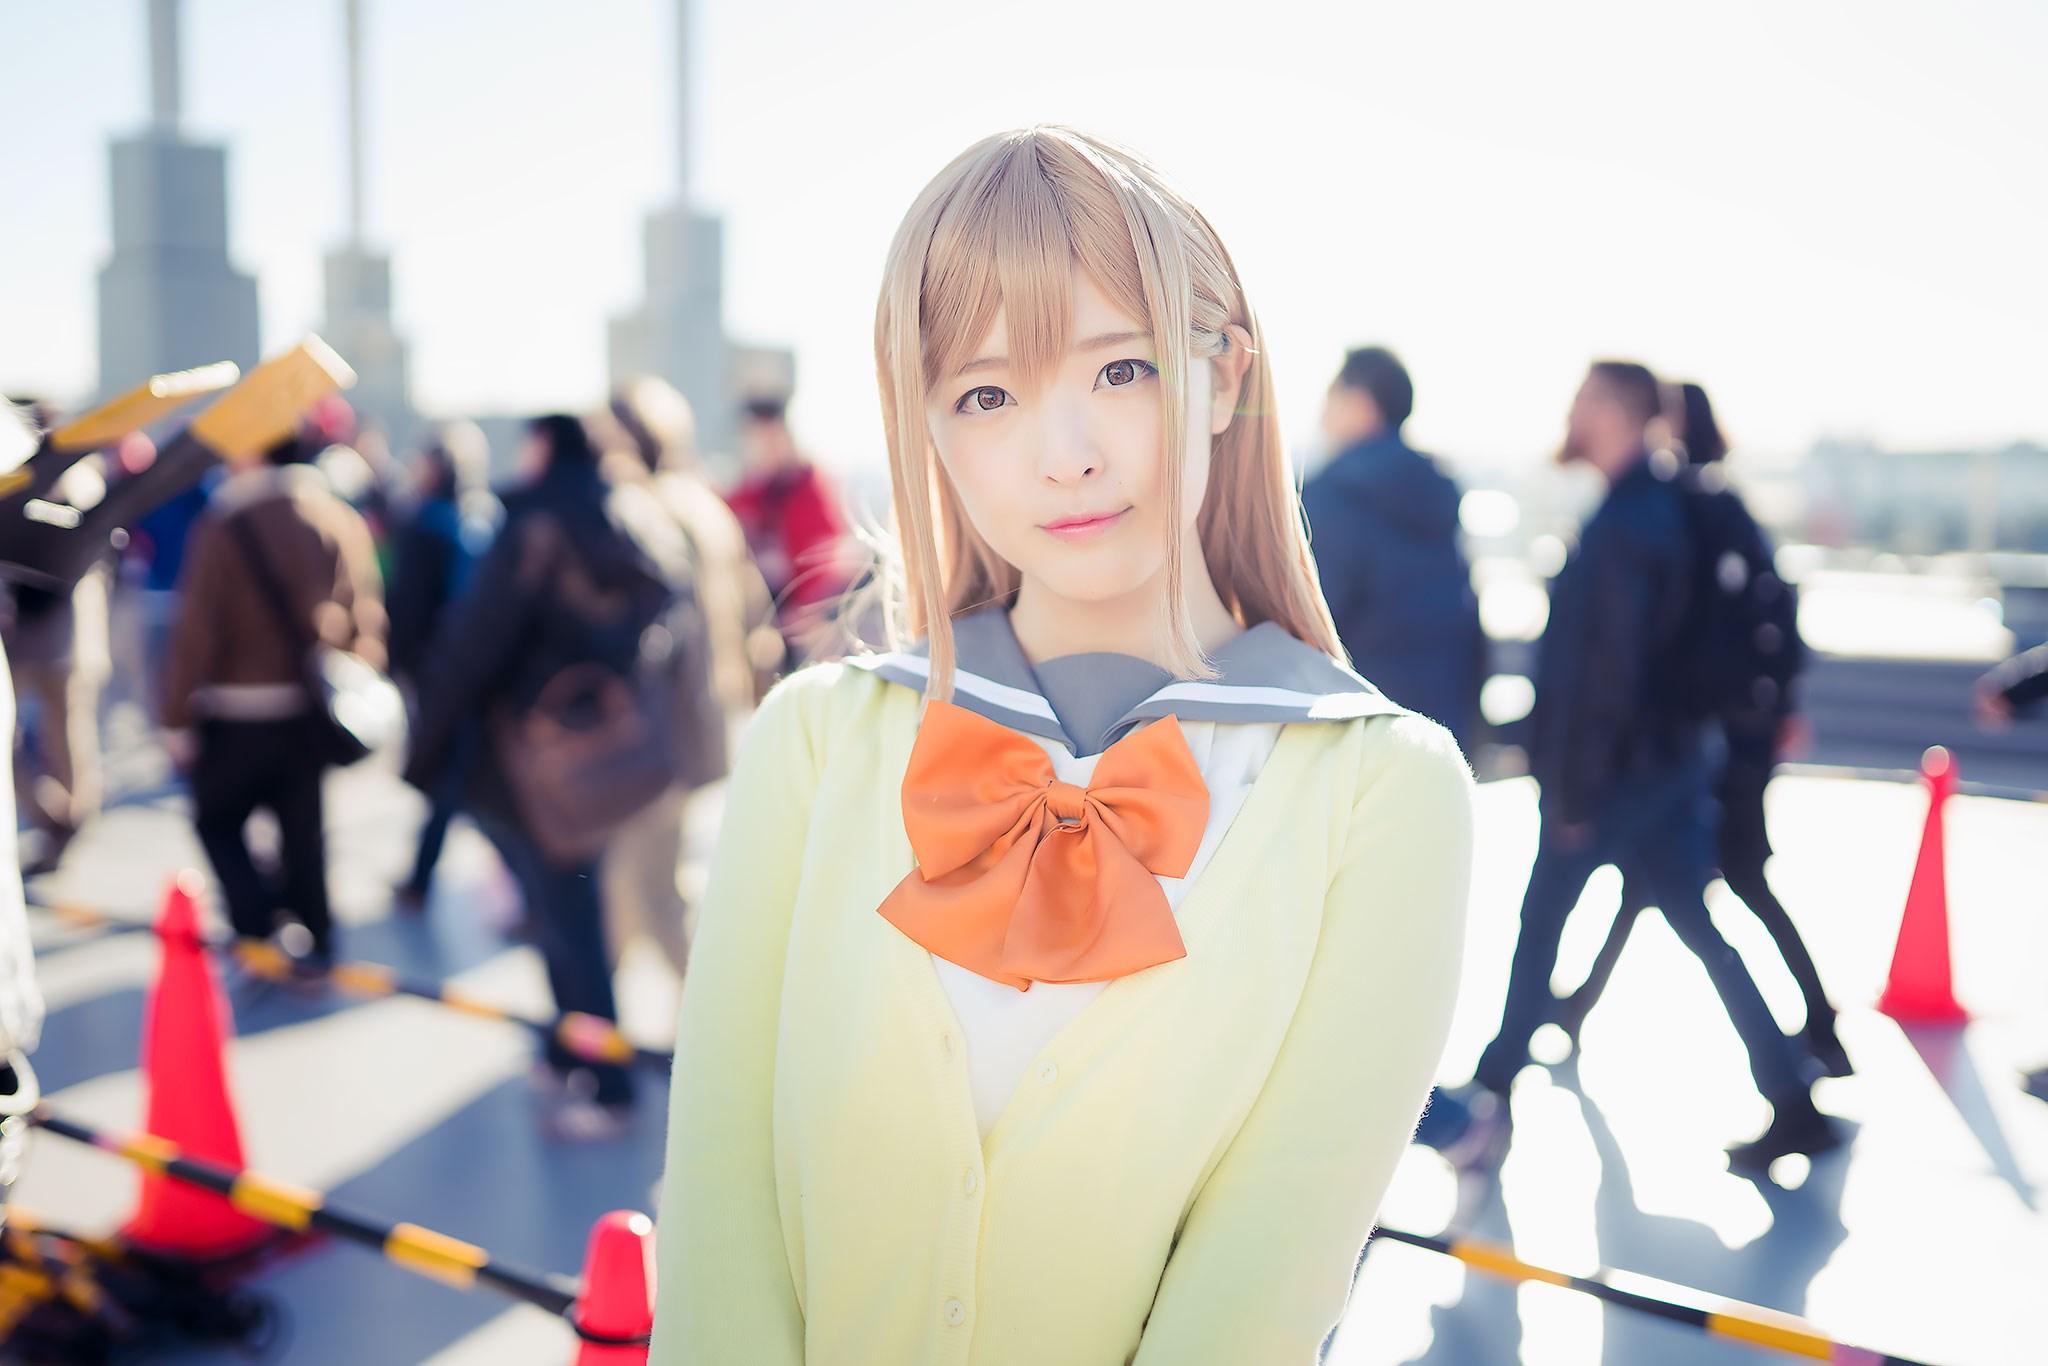 【兔玩映画】阳光与少女 兔玩映画 第2张